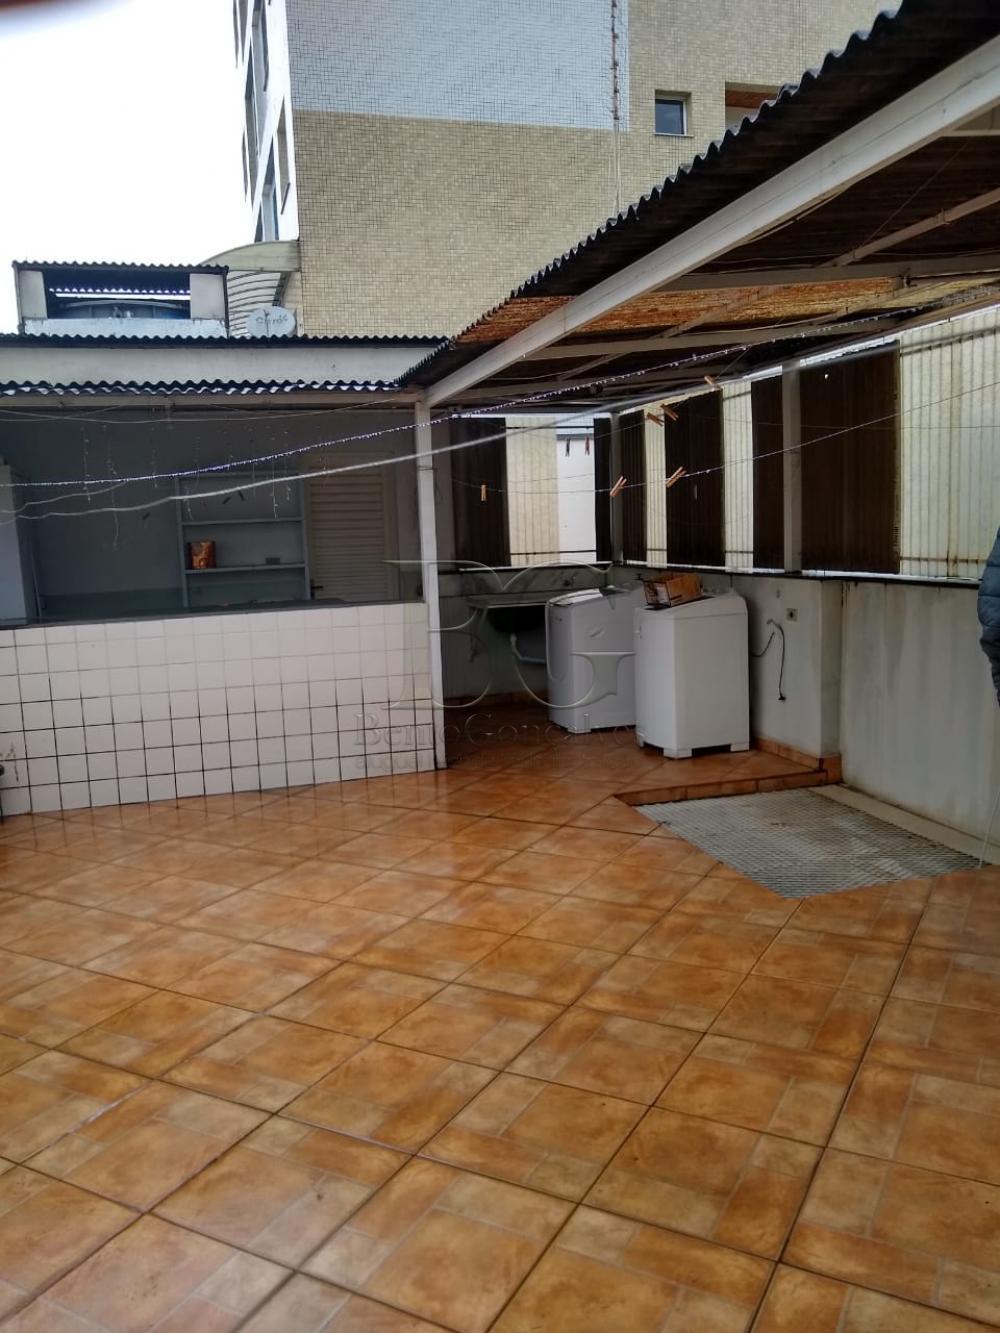 Comprar Apartamentos / Predio comercial e Residencial em Poços de Caldas apenas R$ 400.000,00 - Foto 14